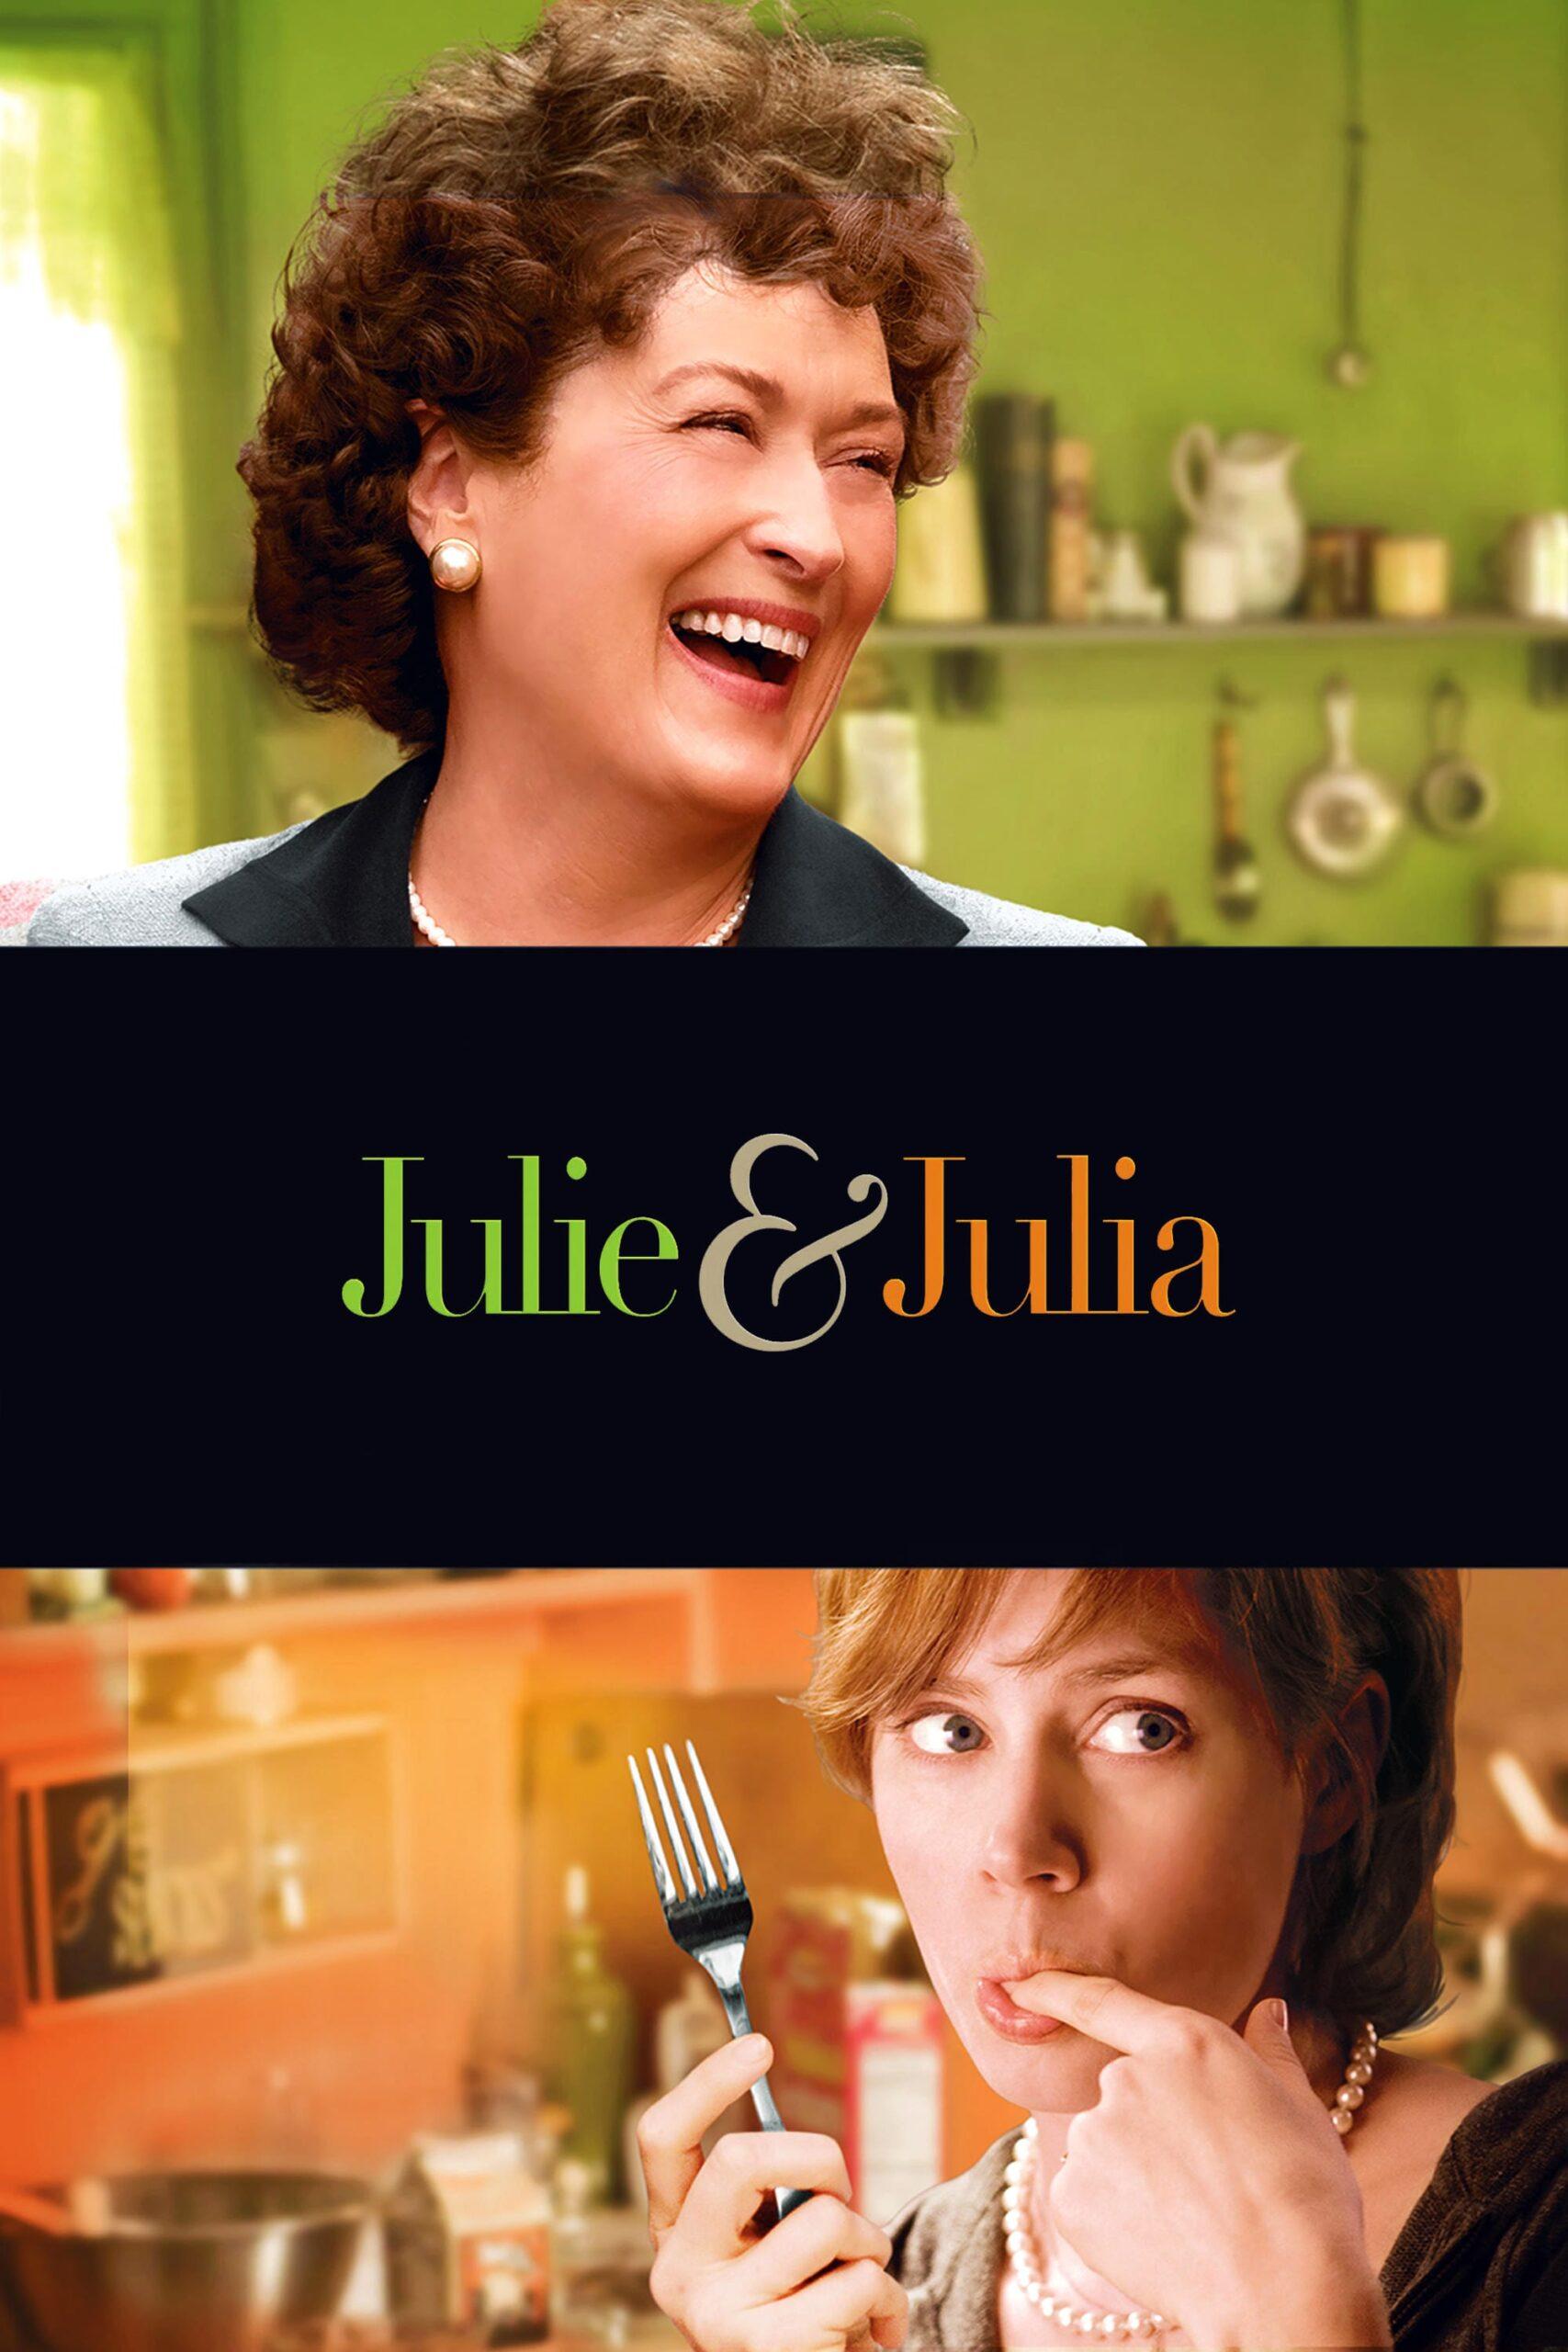 Julie & Julia Movie Streaming Online Watch on Netflix